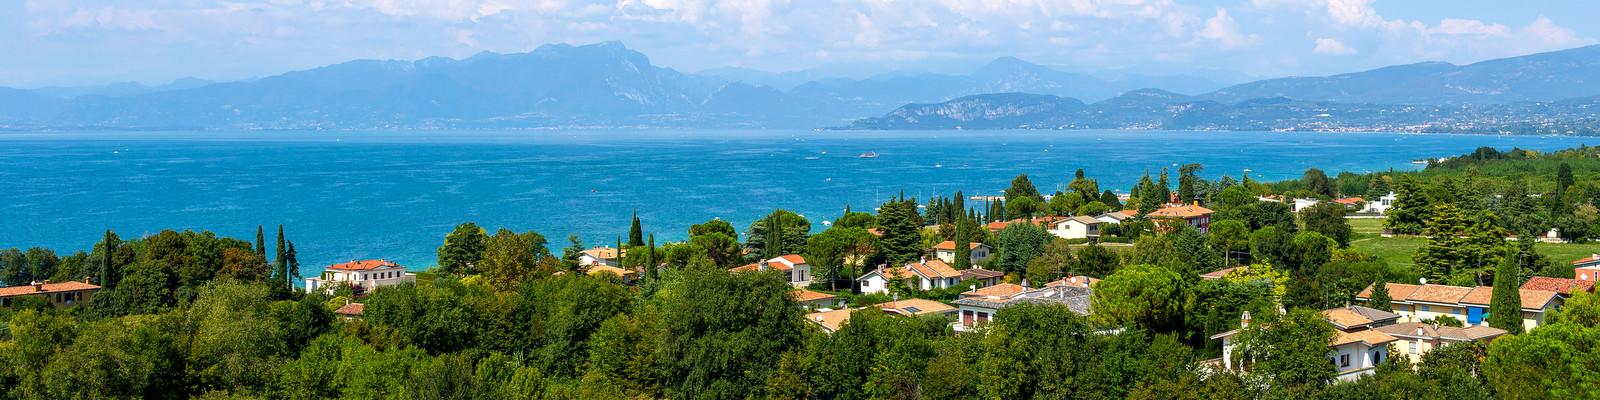 Výhled z Castelnuovo del Garda na jezero